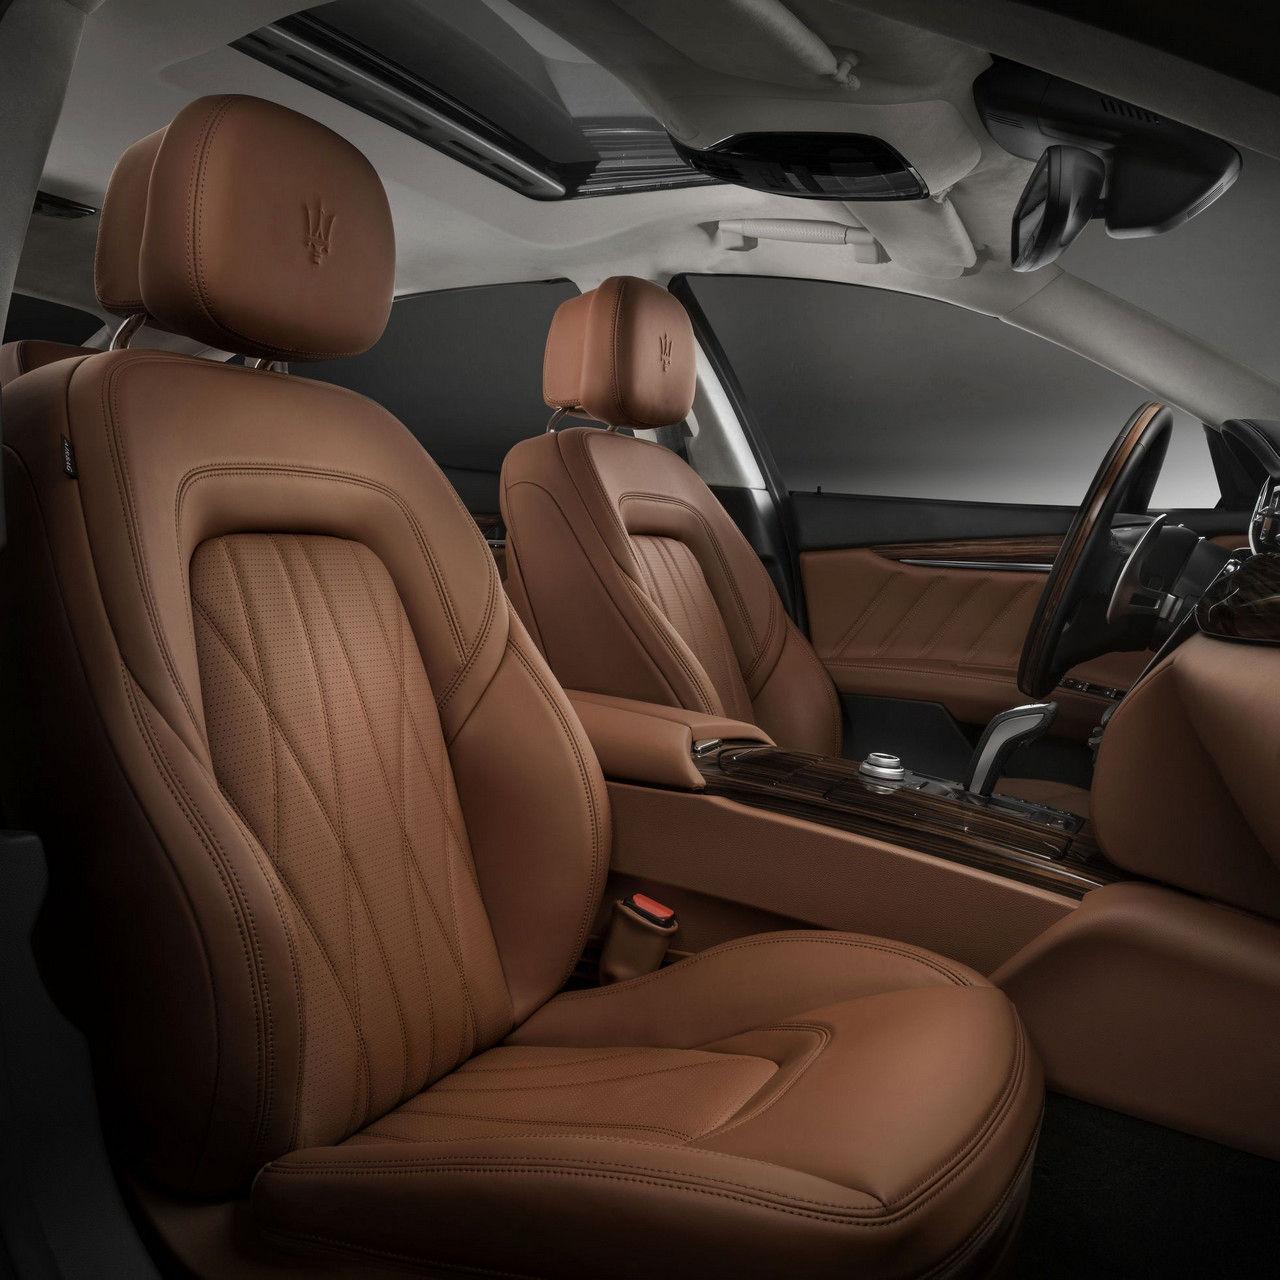 Maserati Quattroporte Innenausstattung - Vordersitze